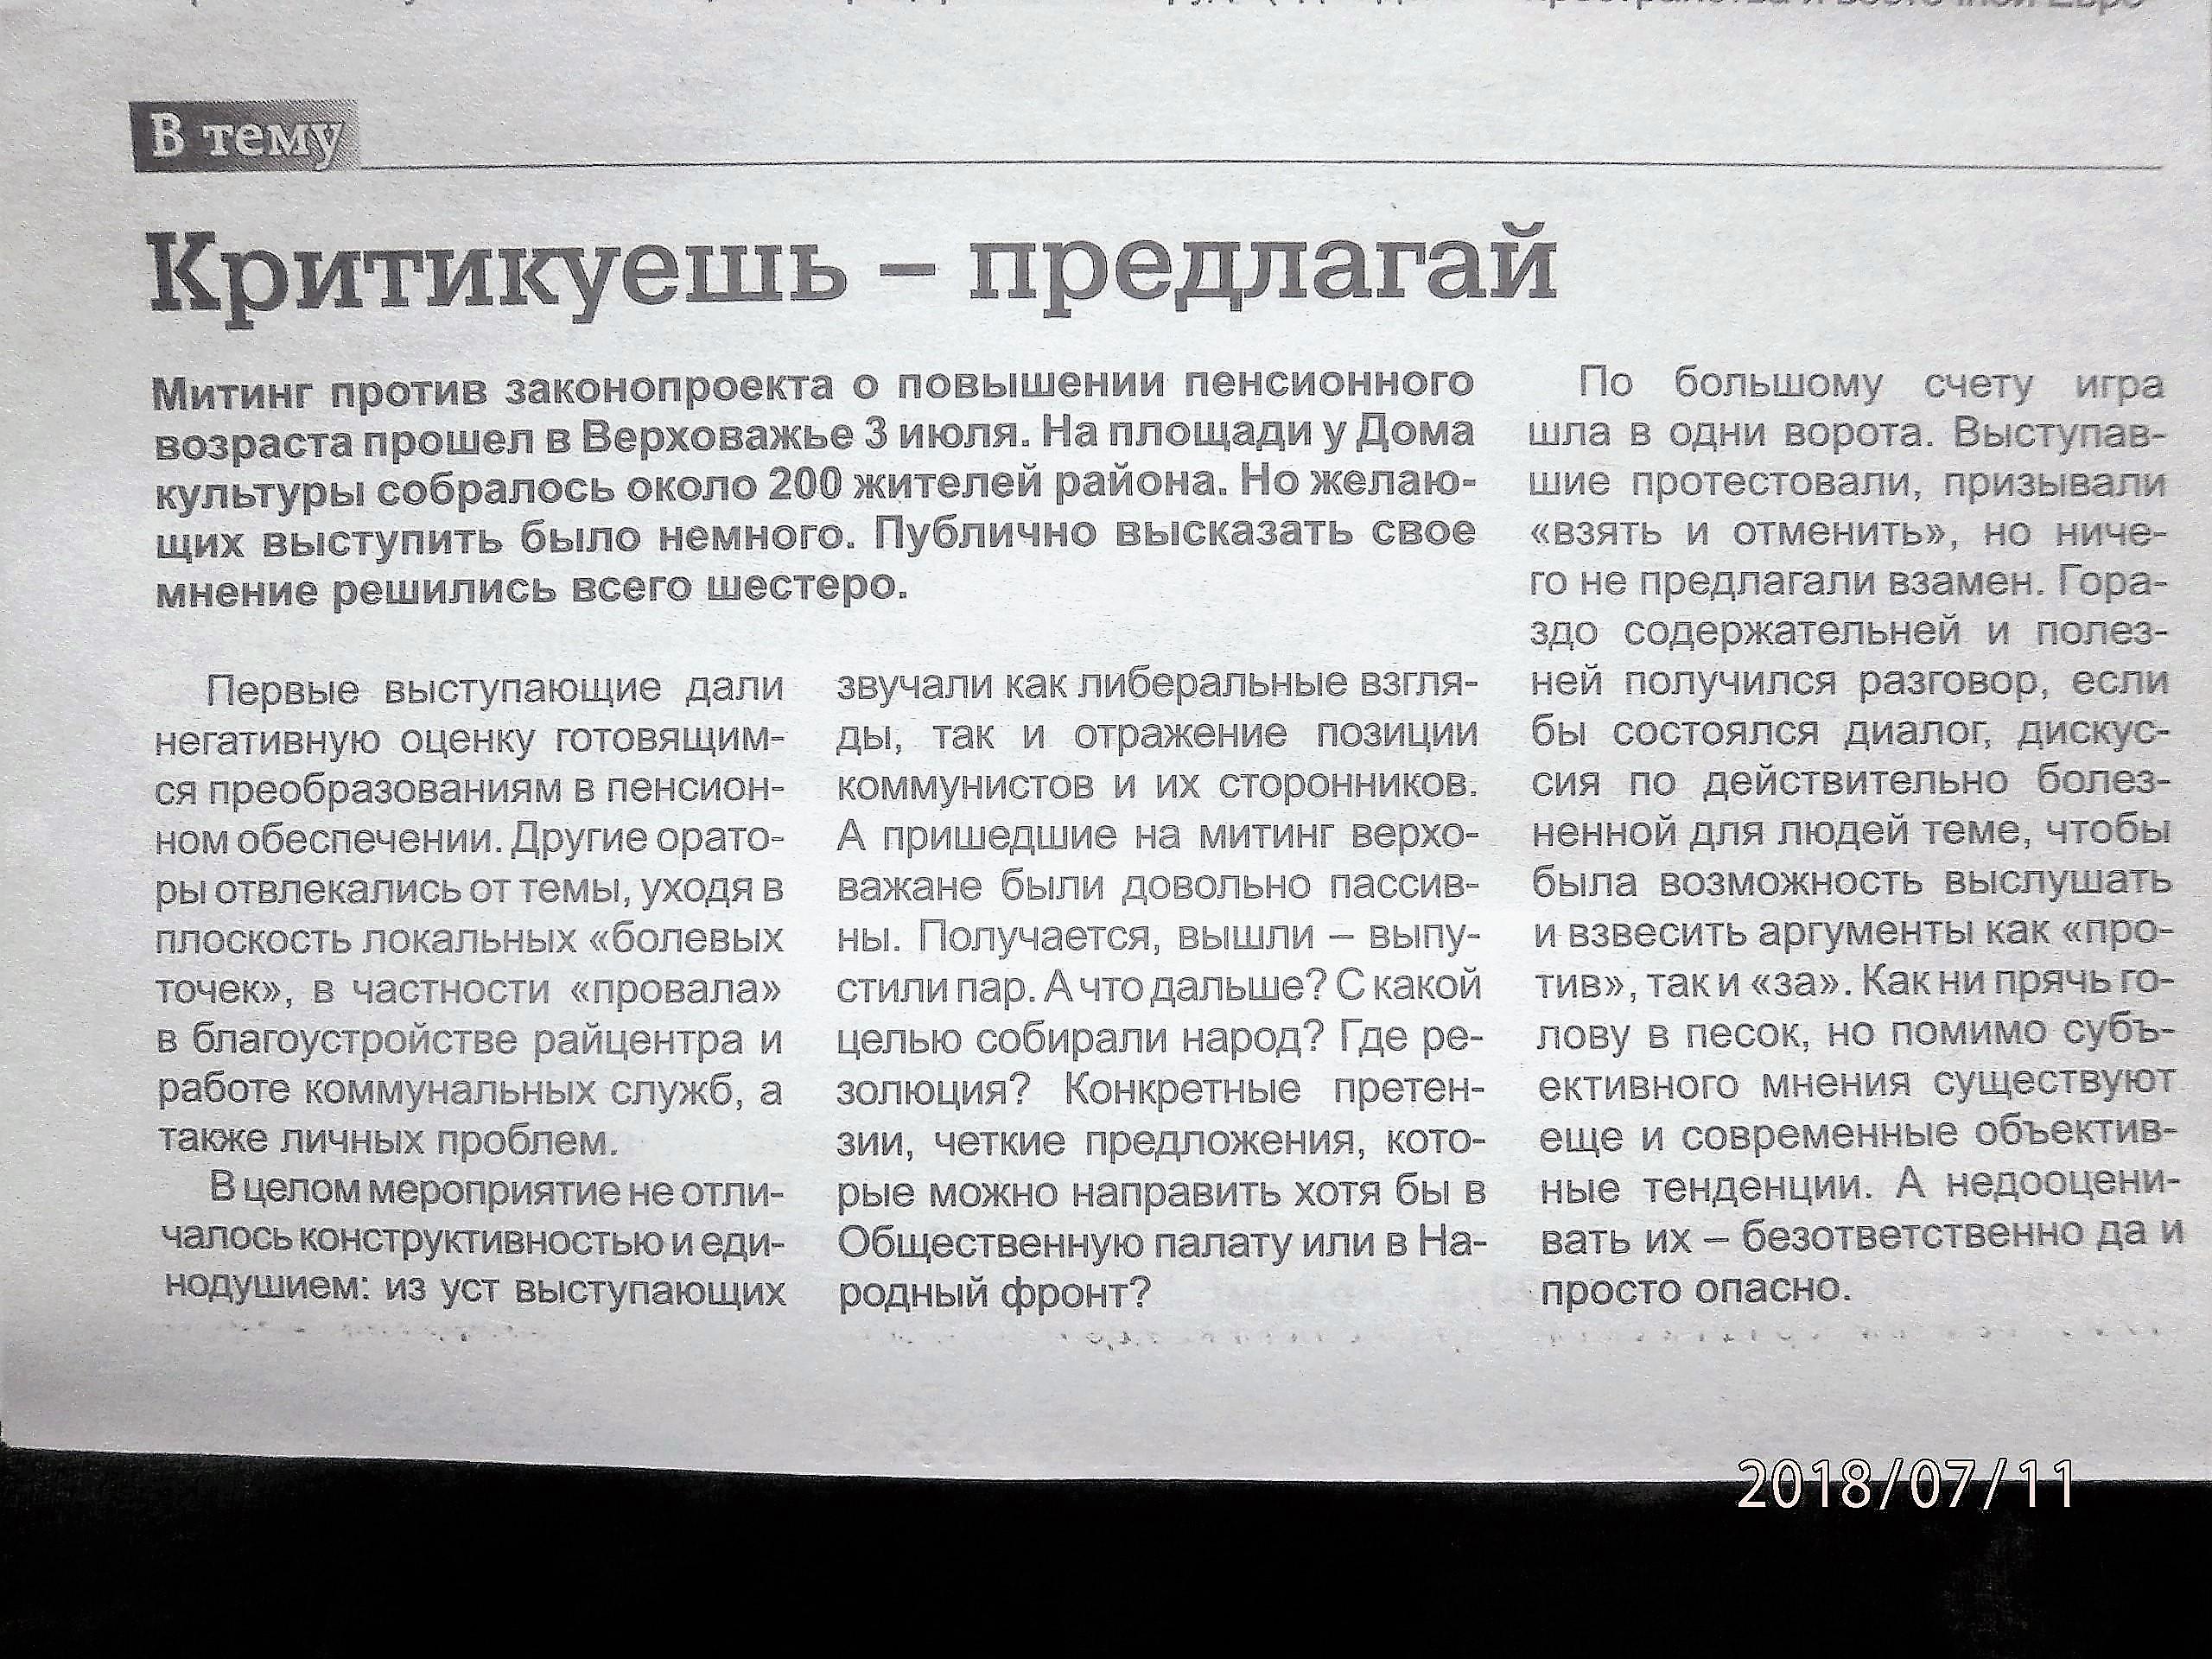 Жителя Верховажья Юрия Шадрина оштрафовали на 30 тысяч рублей за статус о Путине в соцсети